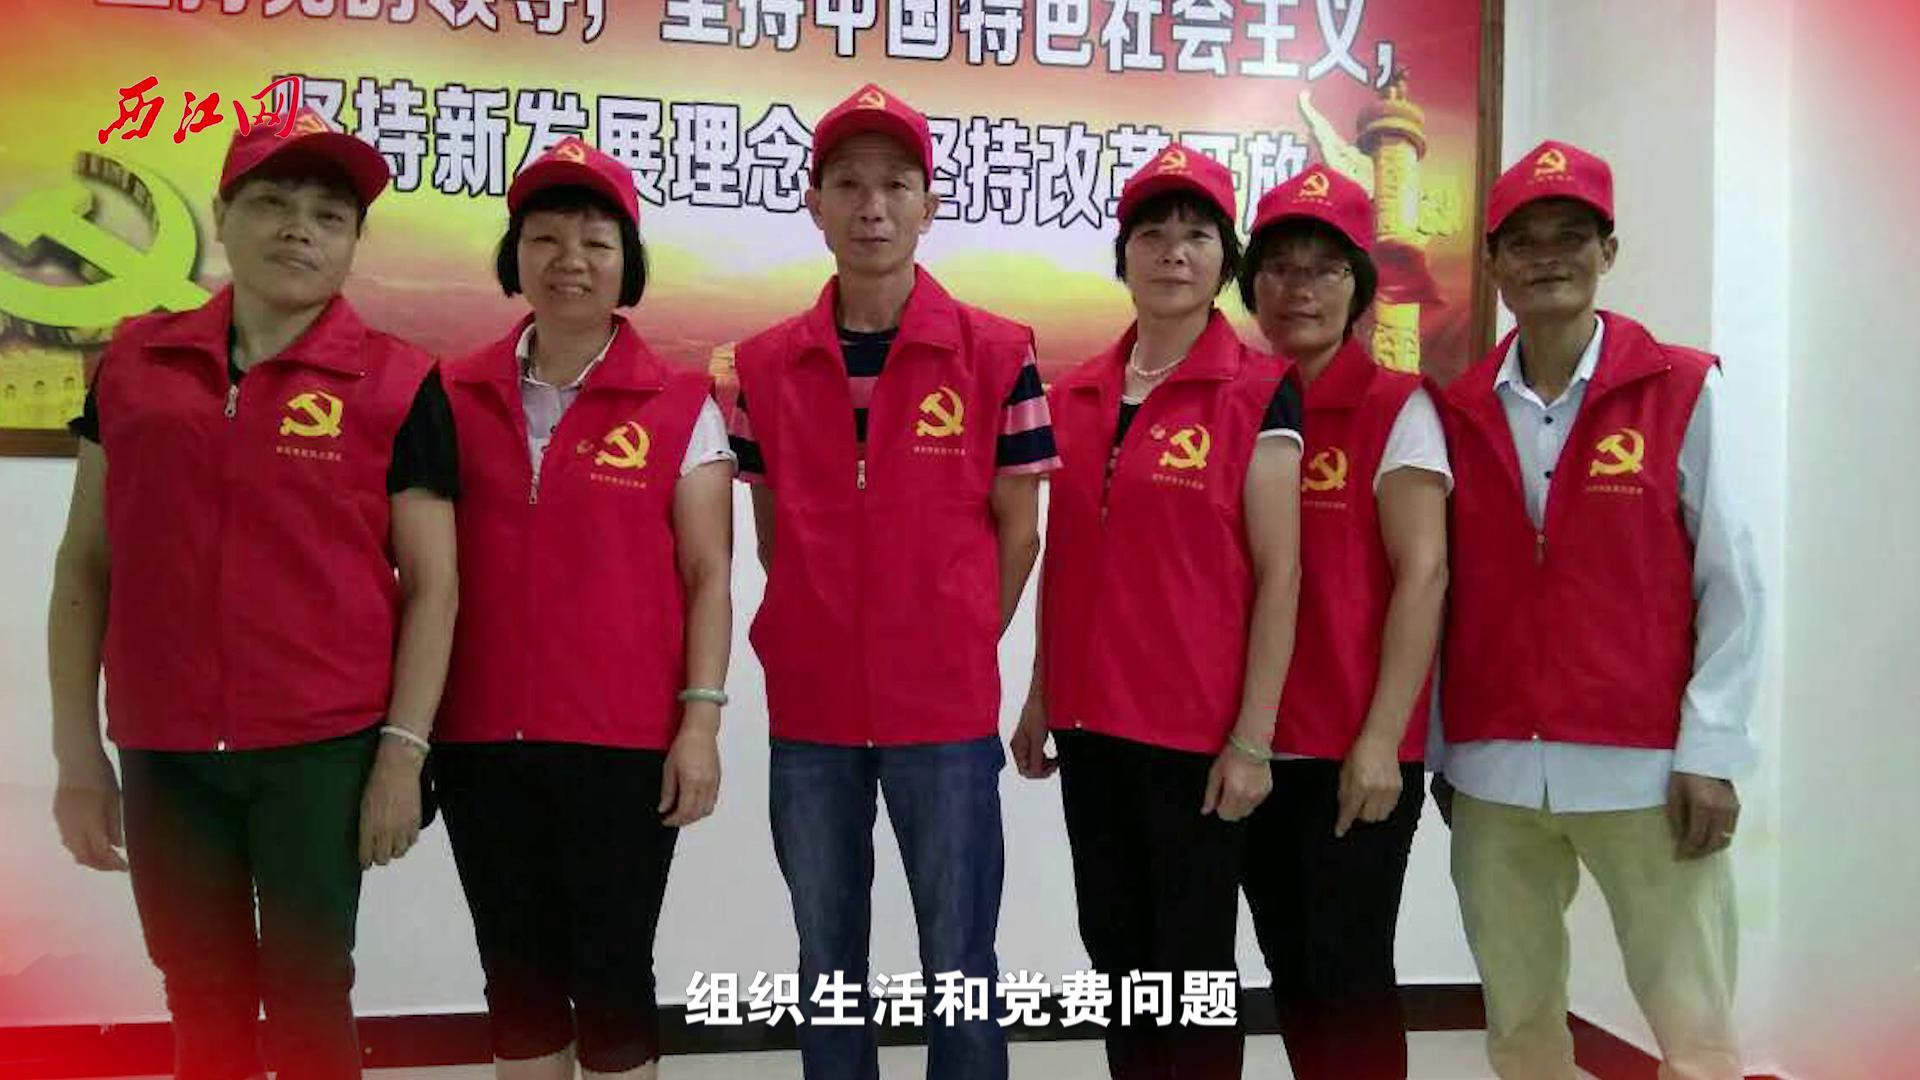 党建引领聚人心 真情关怀写大爱  记鼎湖广利个体劳协党支部